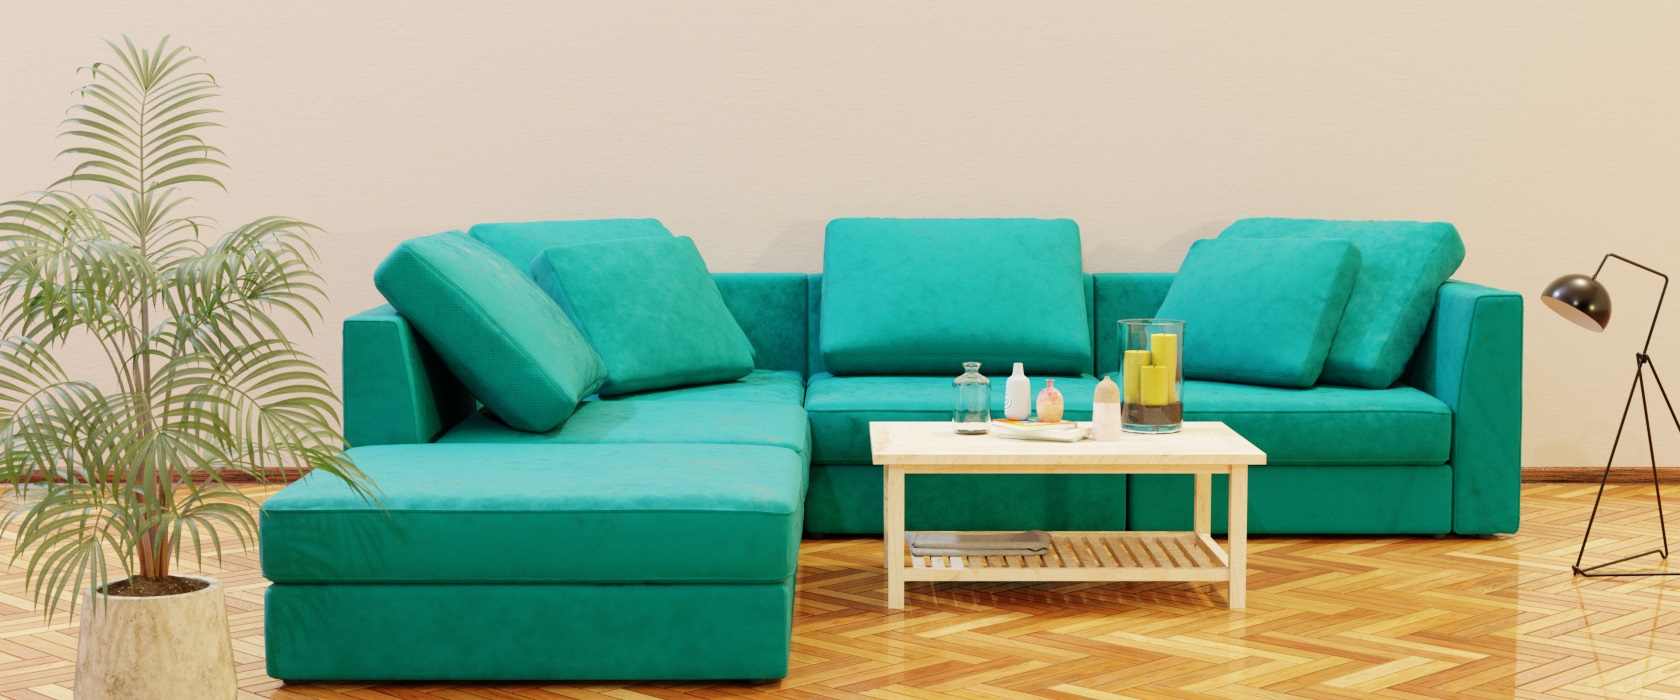 Модульный диван Lisboa 306x288 - Фото 2 - Pufetto